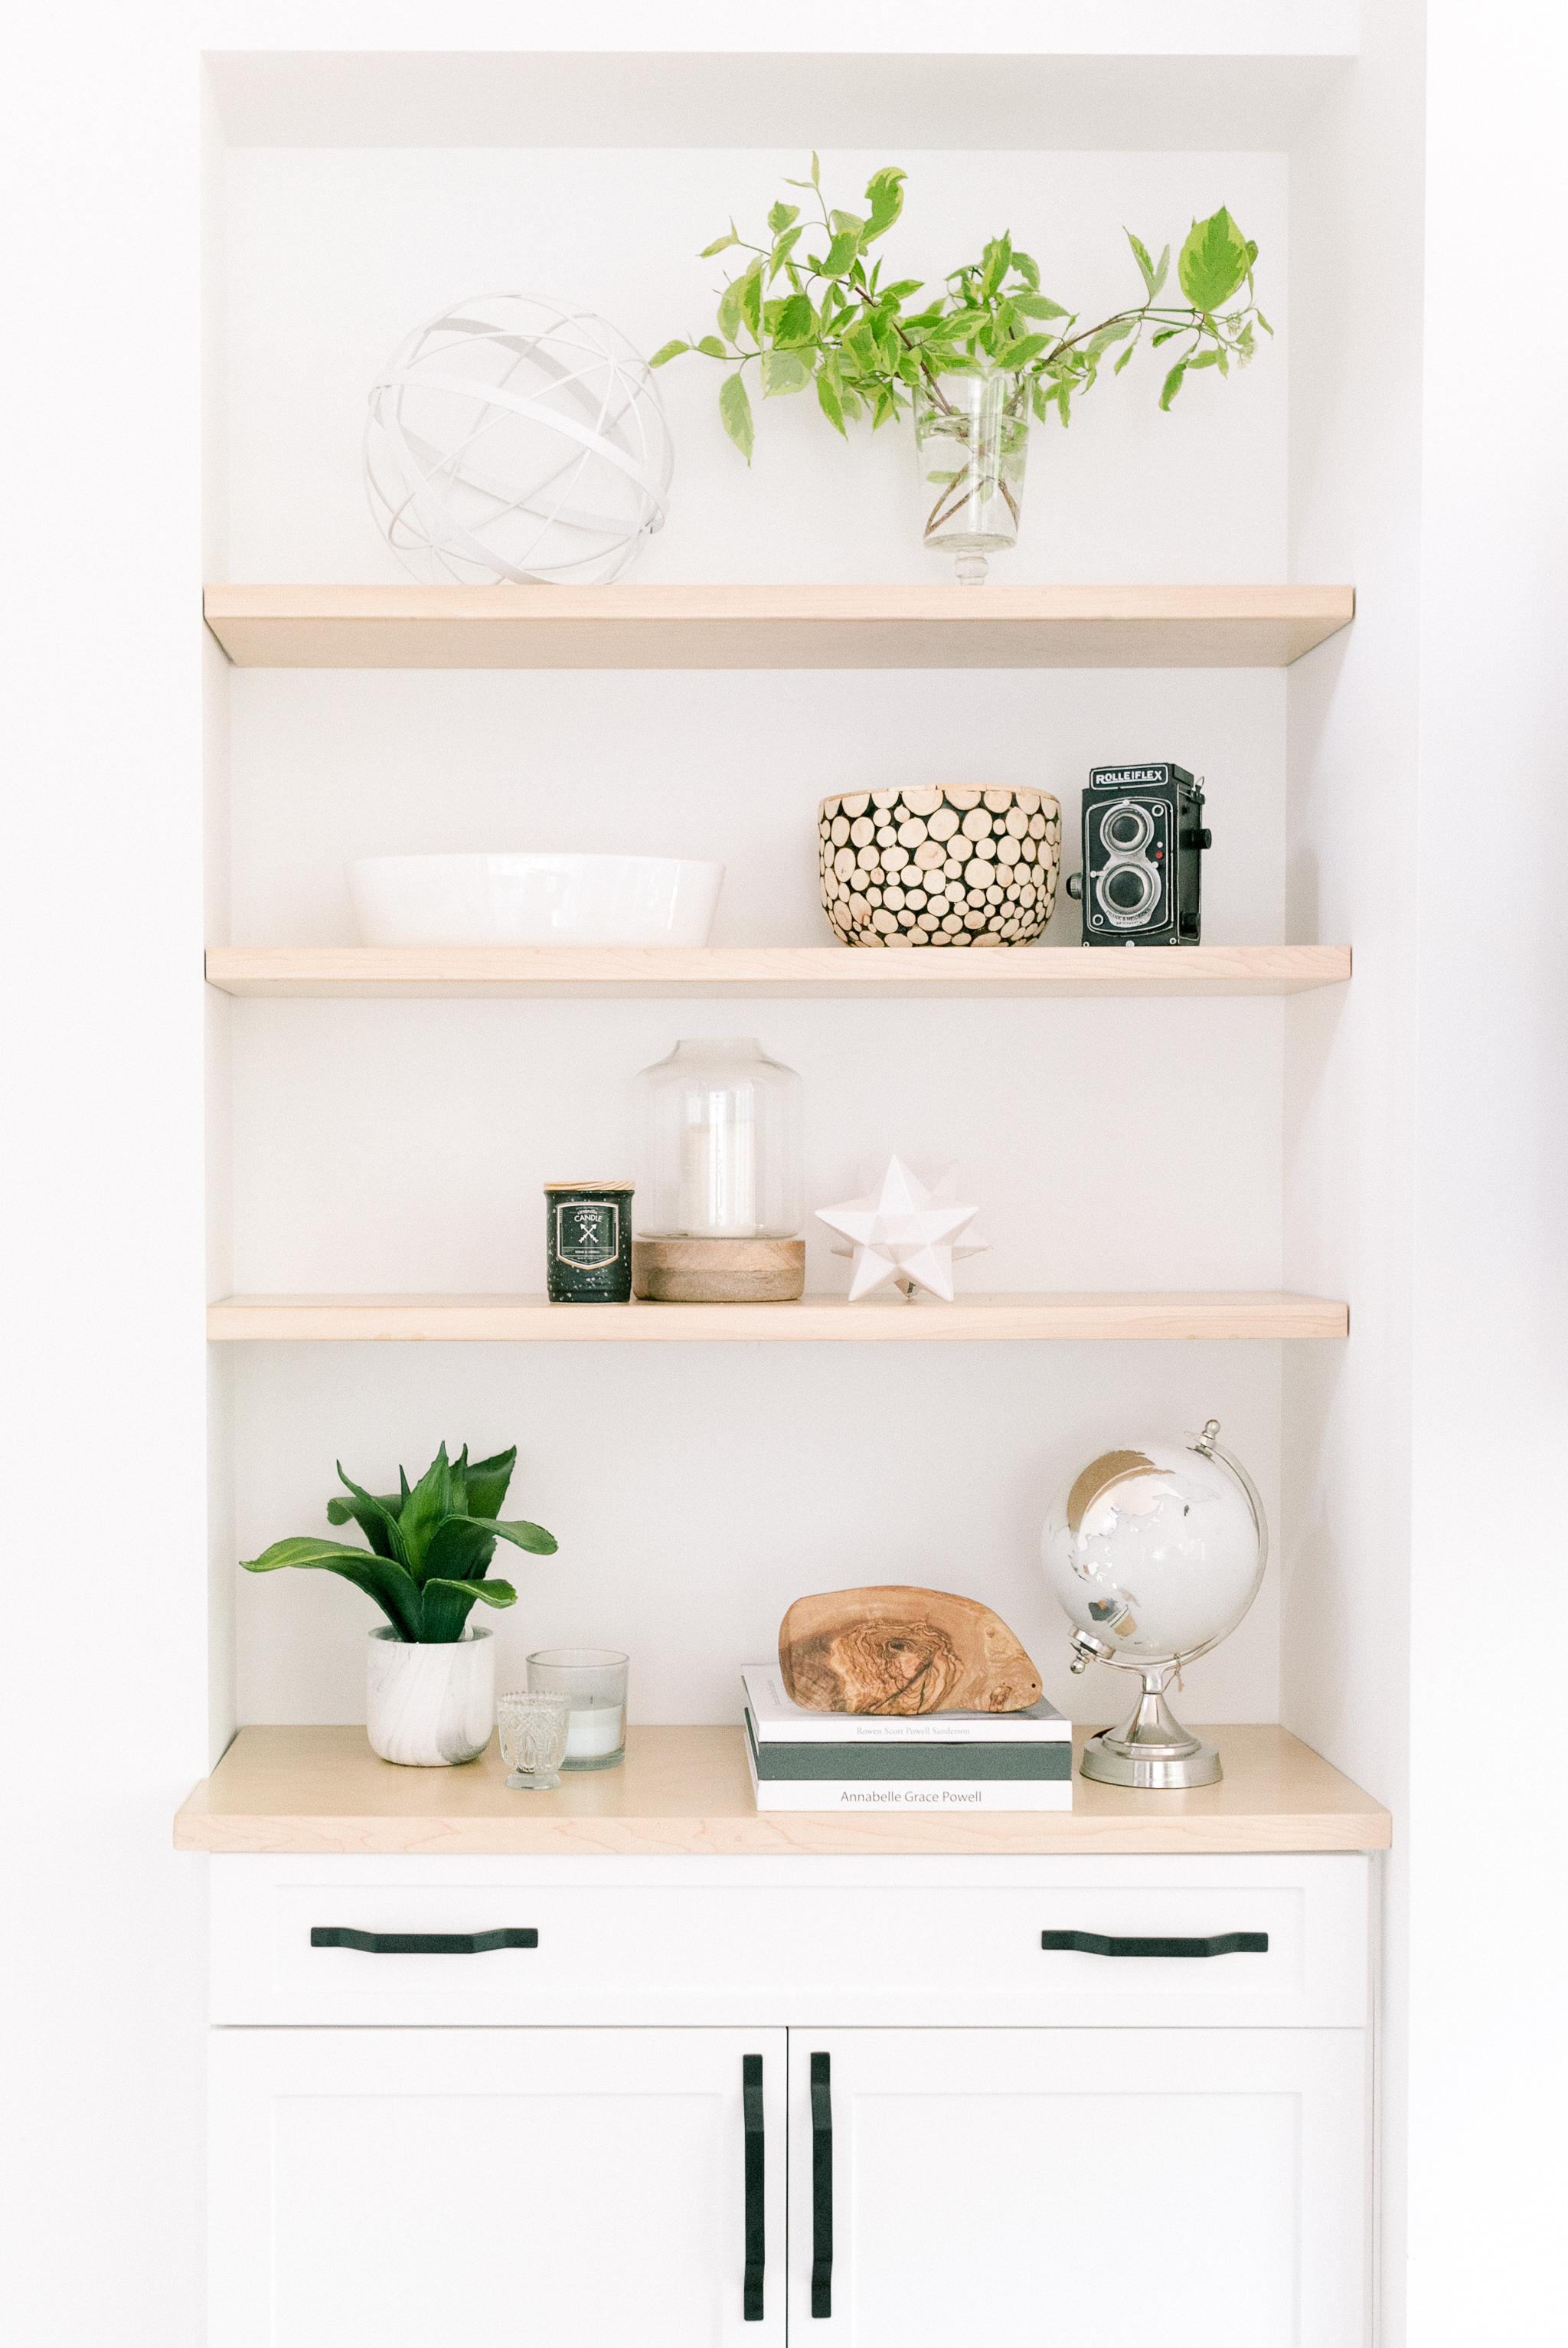 Interior-Design-Carp-Project-Shelf-White-Wood-Open